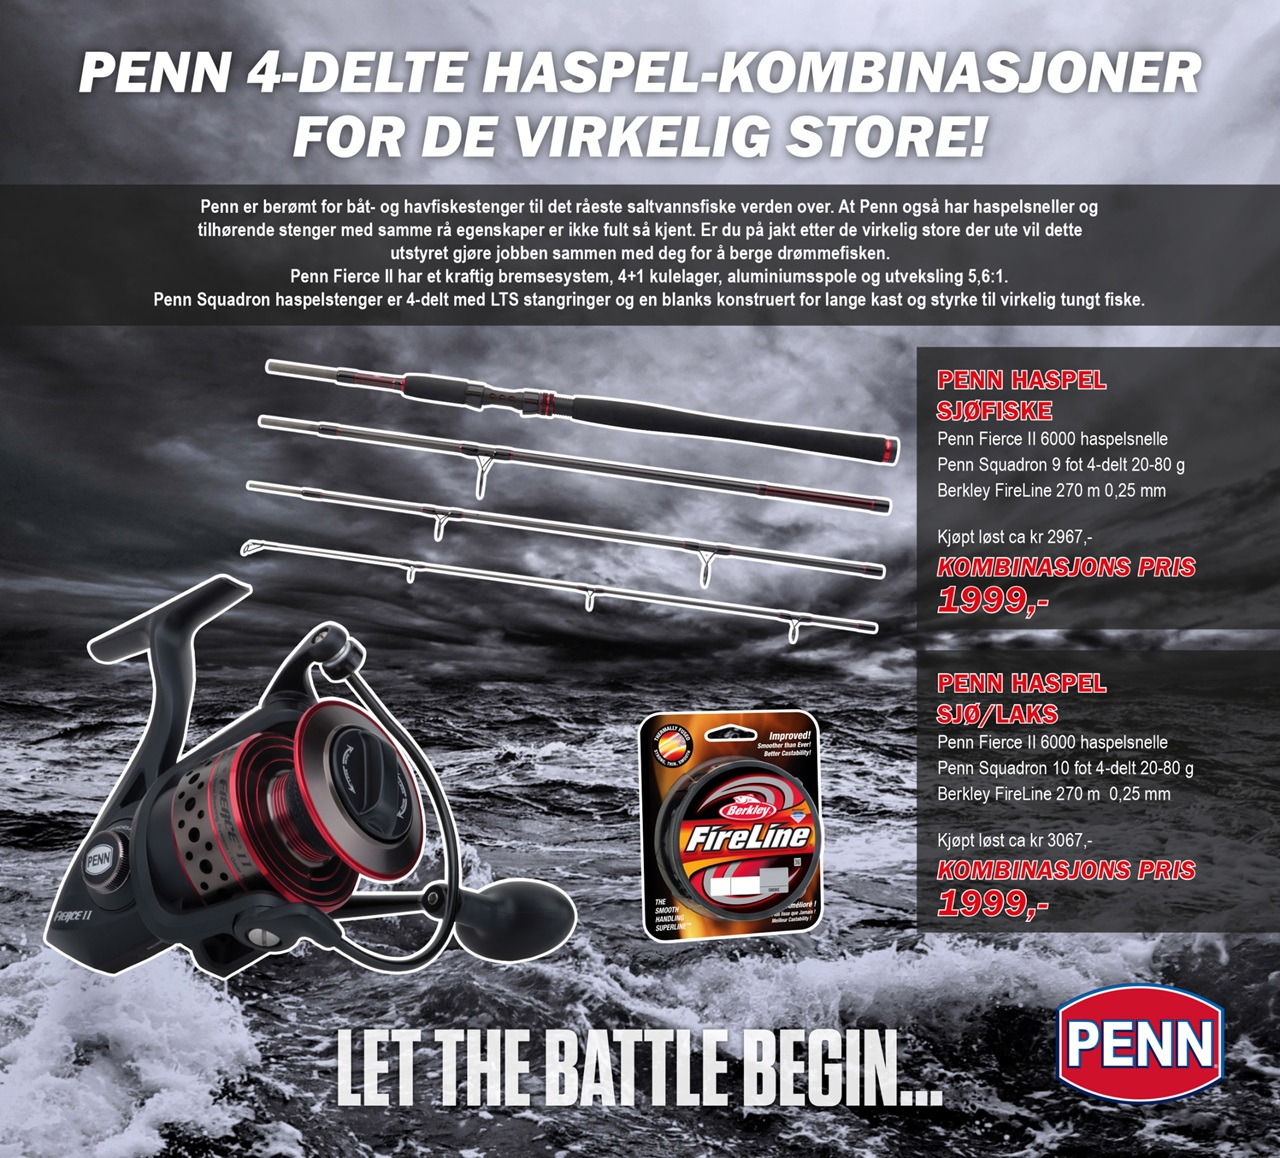 penn haspel